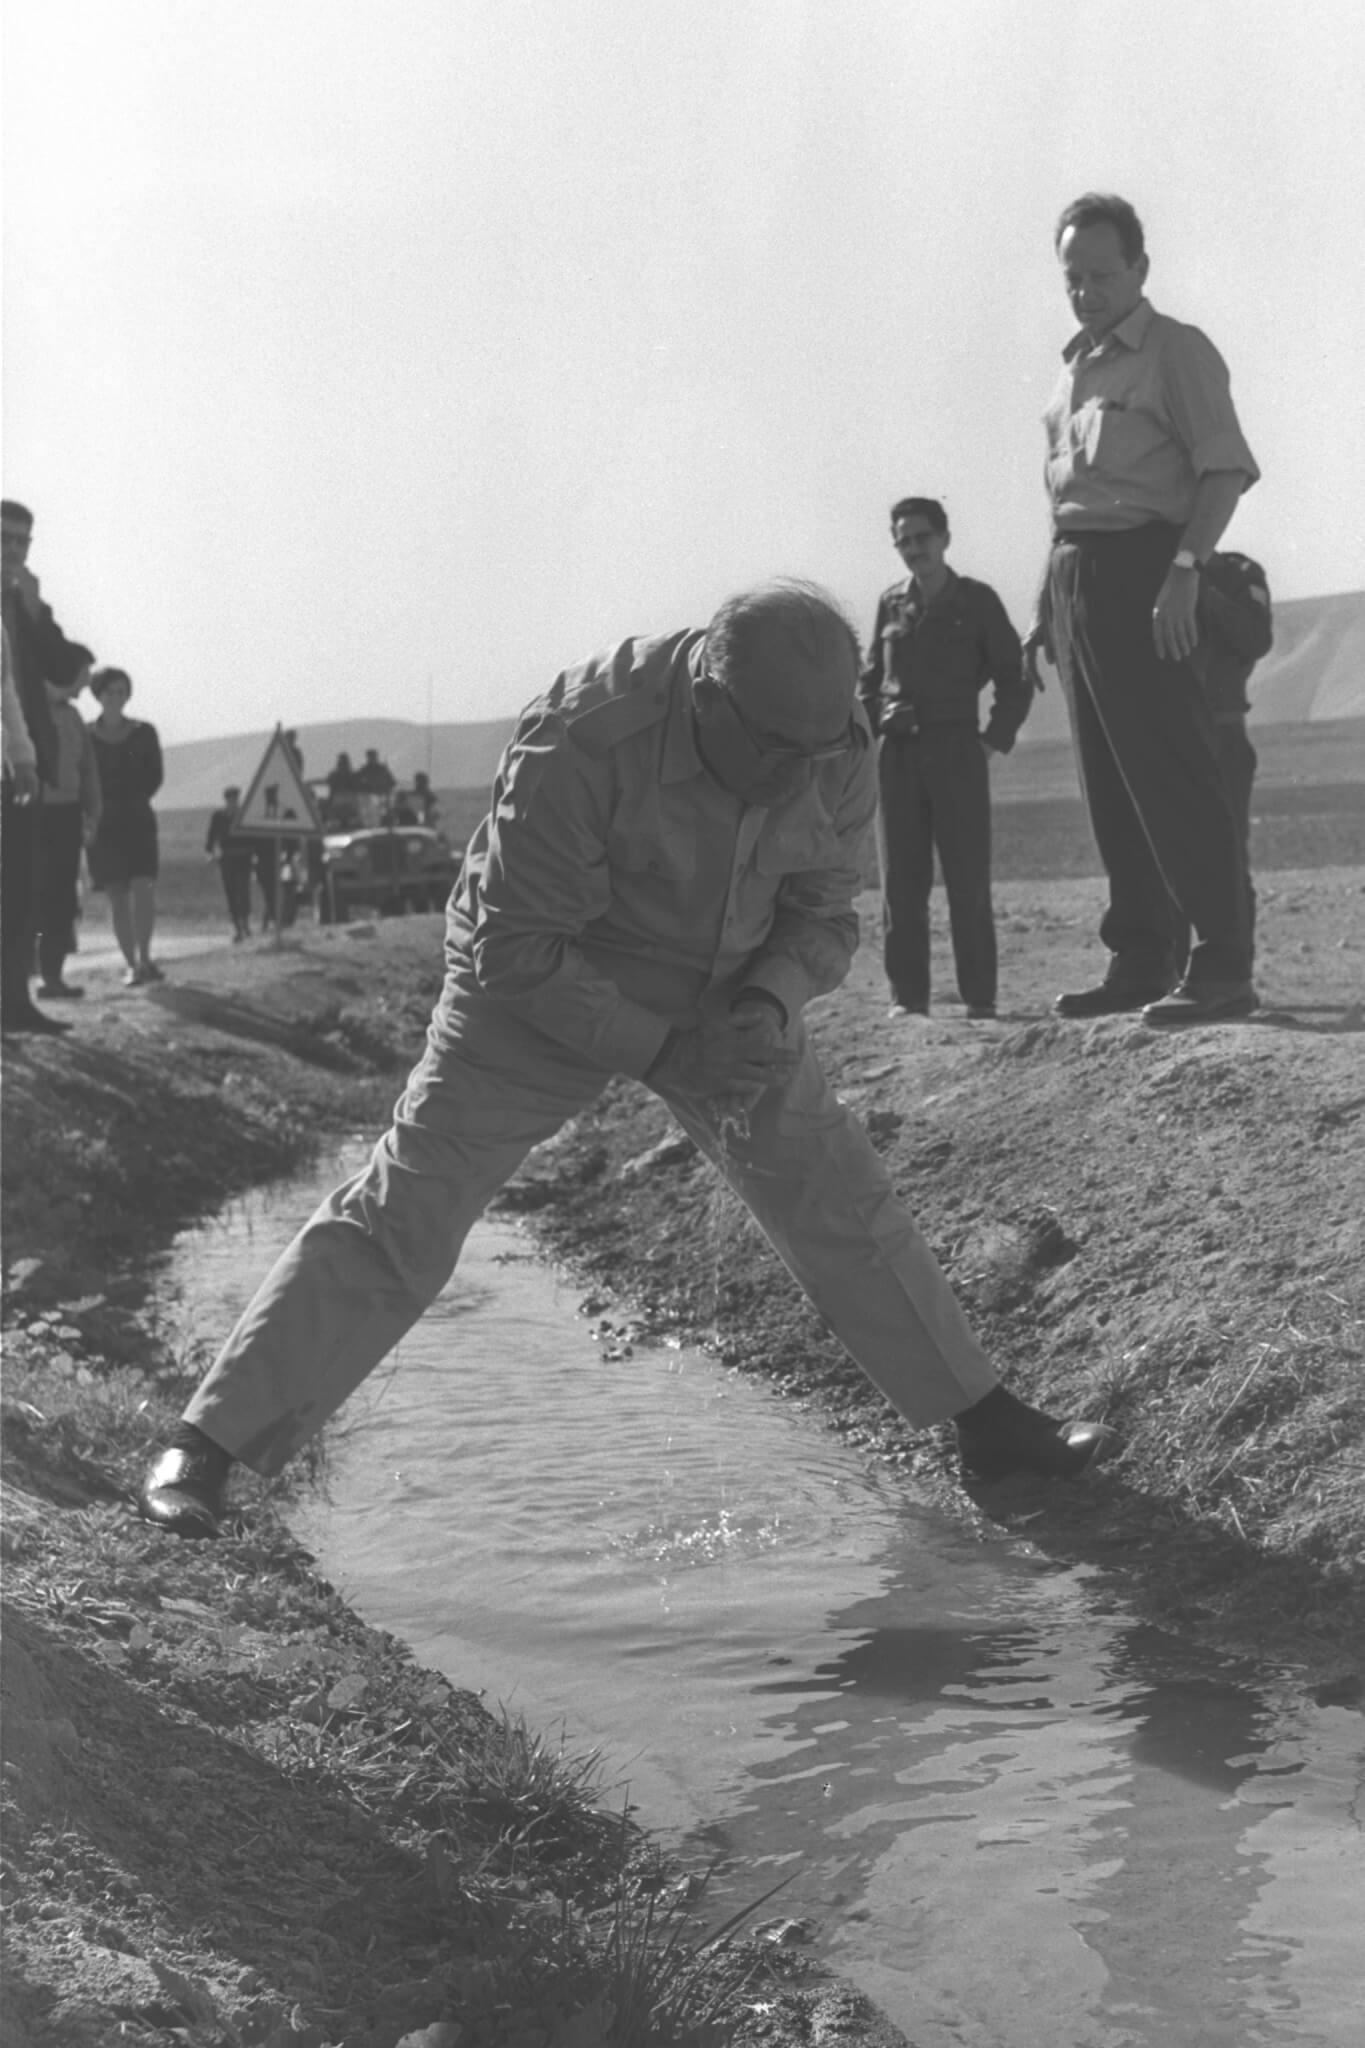 """נטוע בשתי הגדות. ראש הממשלה לוי אשכול שותה ממימי מעיין פצאל בעת סיור בבקעת הירדן, דצמבר 1967. מאחוריו השר יגאל אלון. צילום משה מילנר, לע""""מ"""